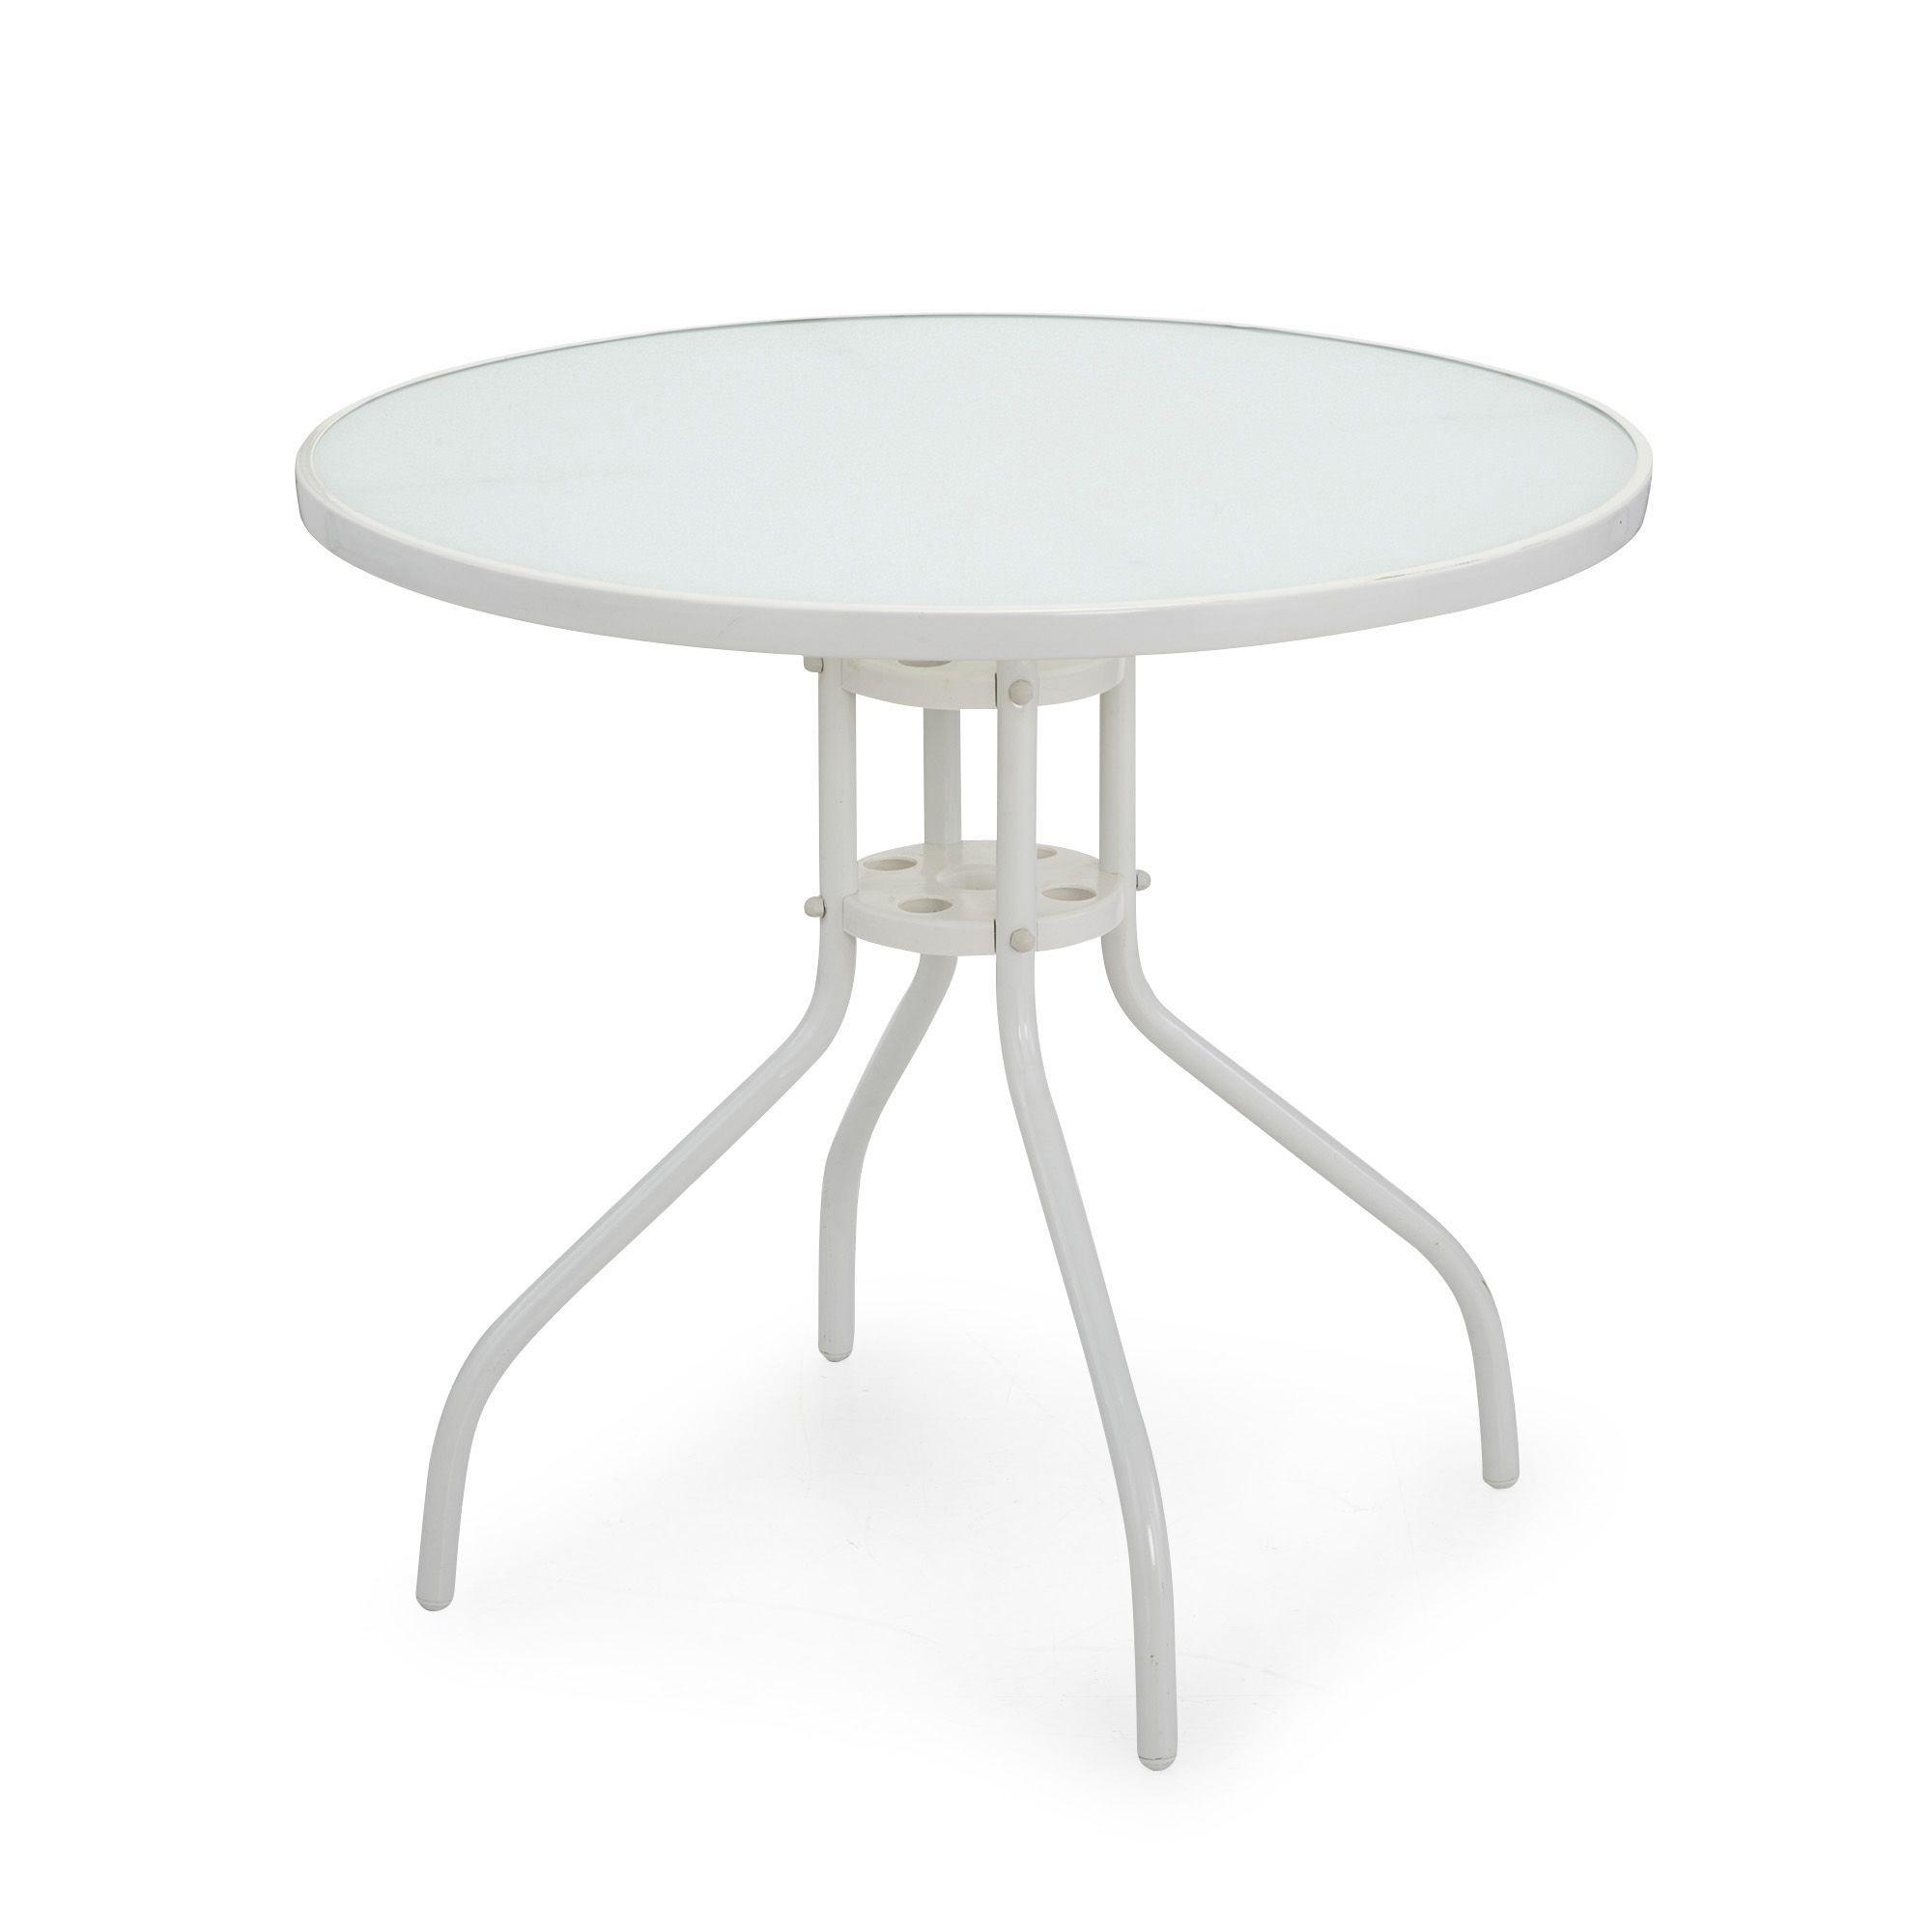 Table ronde en acier blanc et verre Blanc - Livia - Les ...